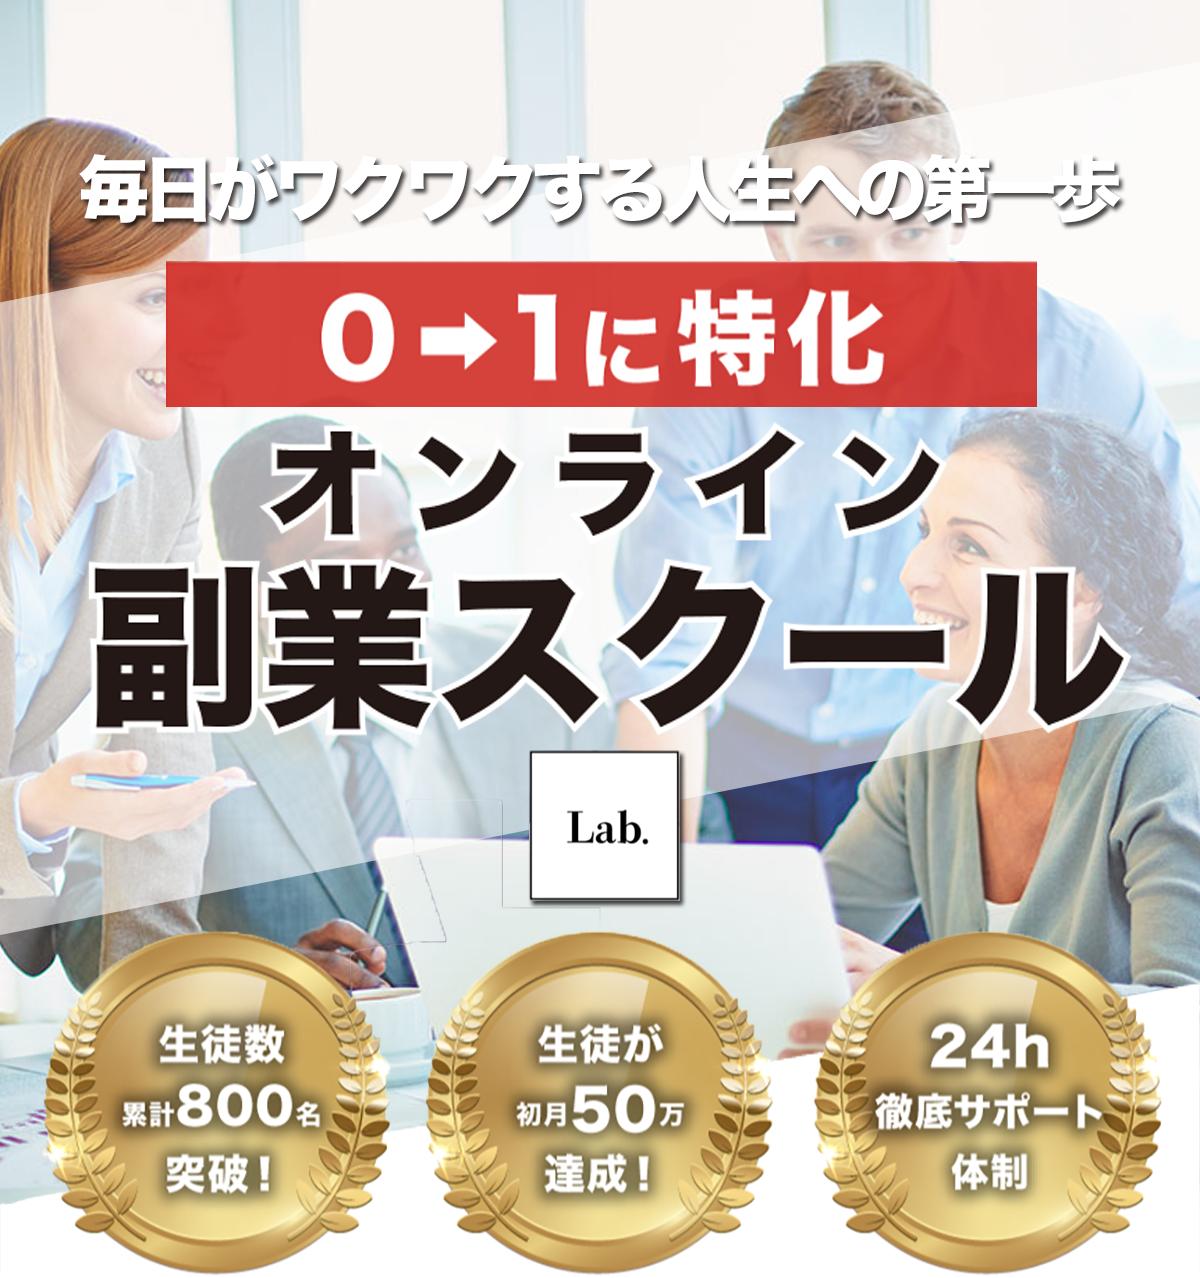 毎日がワクワクする人生への第一歩 0→1に特化 オンライン副業スクール Lab.